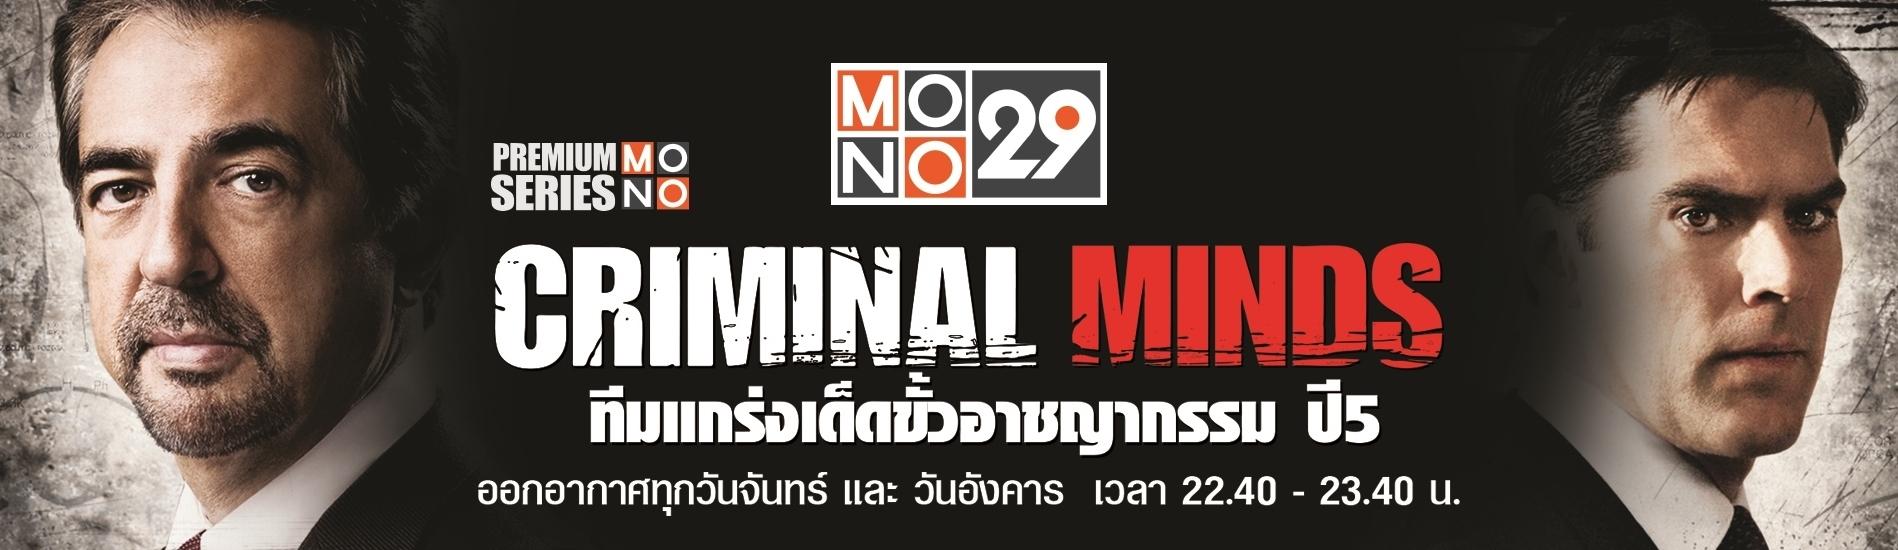 Criminal Minds ทีมแกร่งเด็ดขั้วอาชญากรรม ปี 5